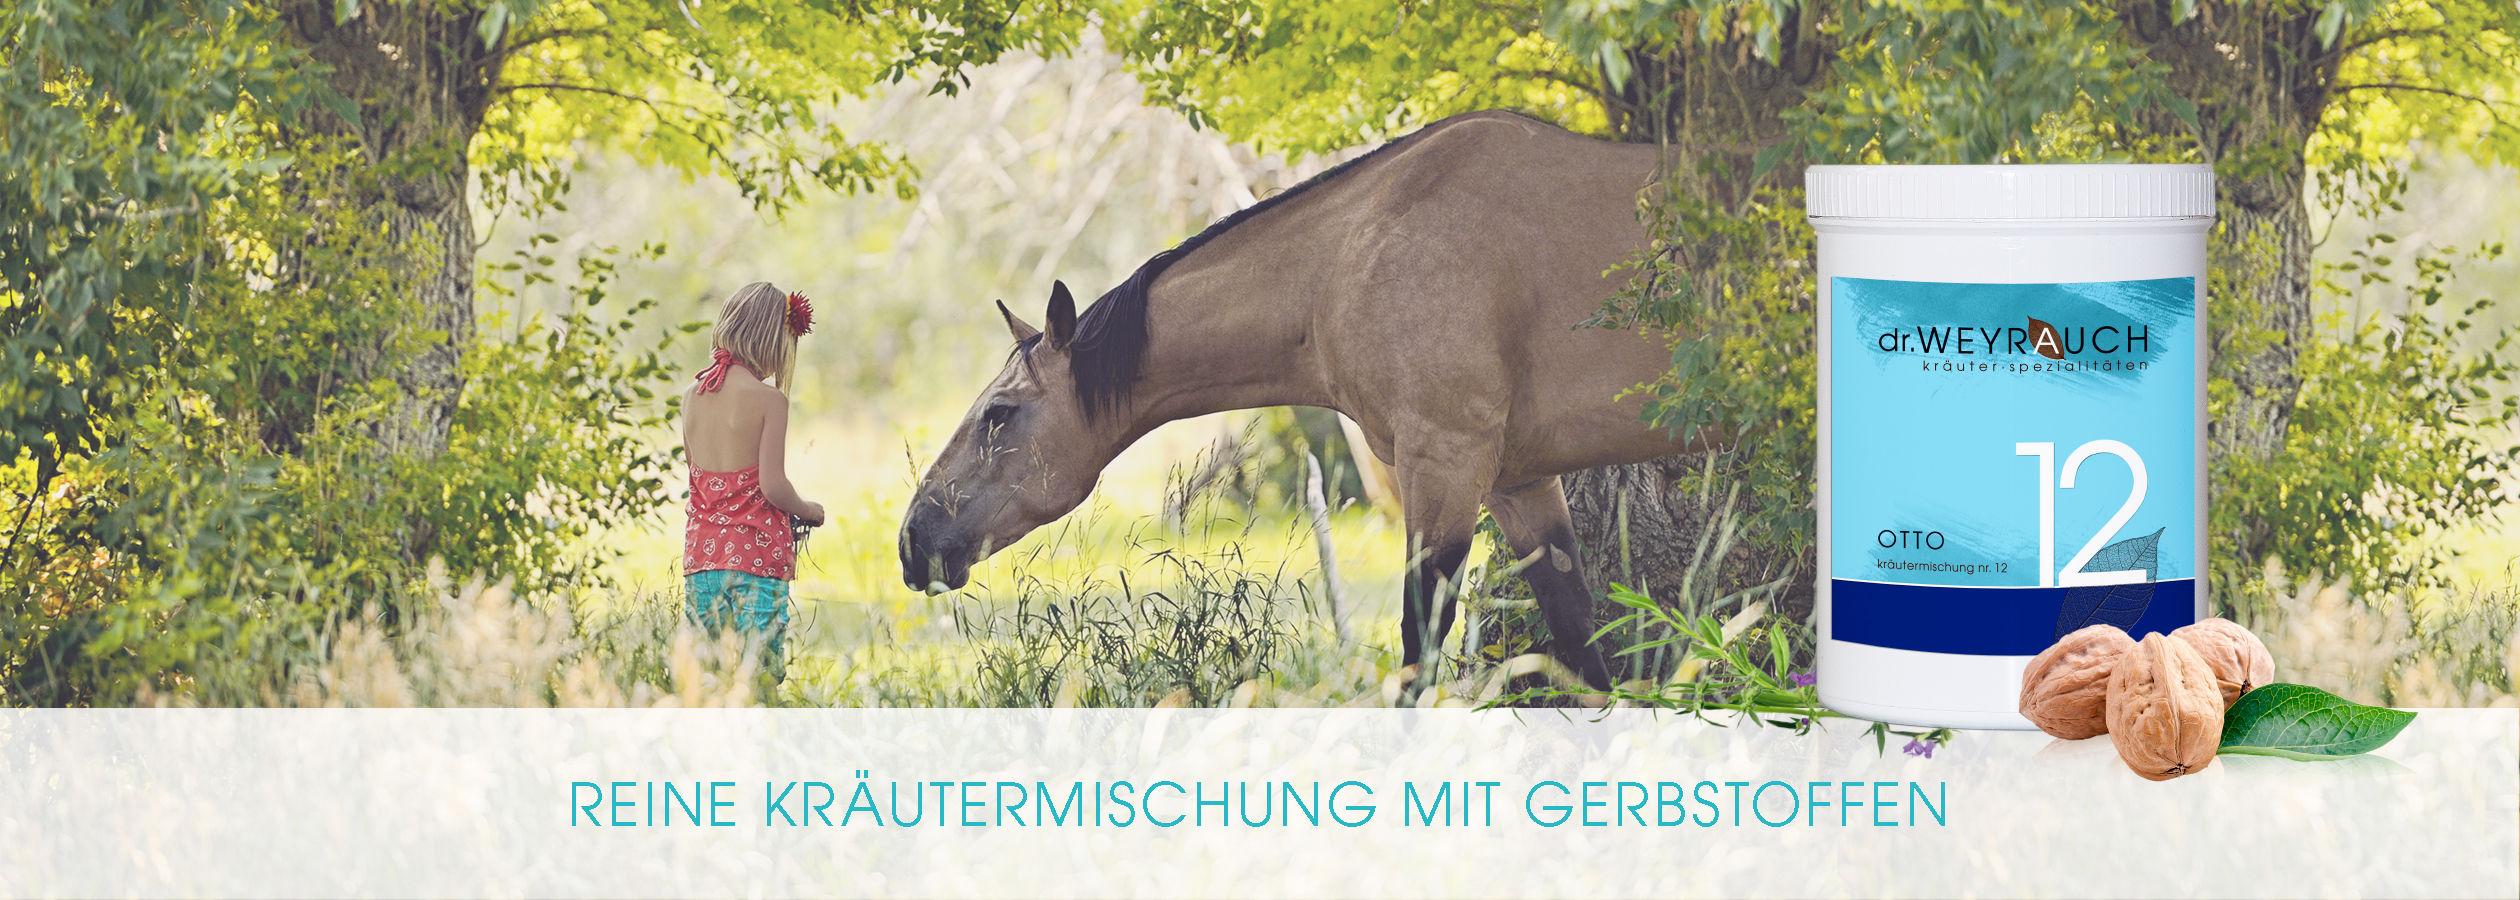 HEADER-2017-Otto-Pferd